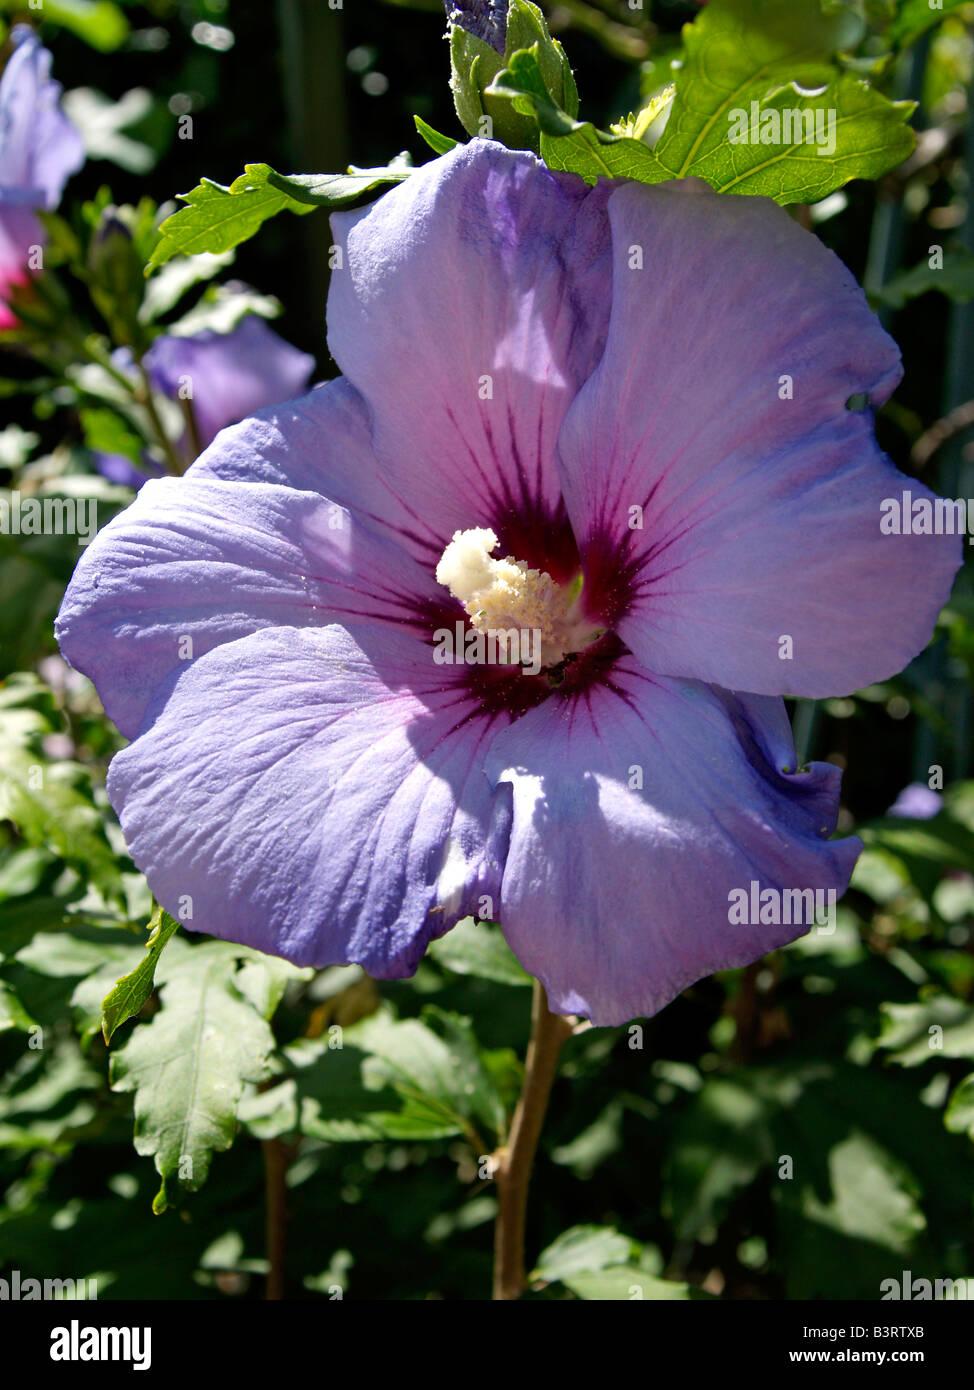 Bluehende Malve, Mallow (Malva) Stock Photo